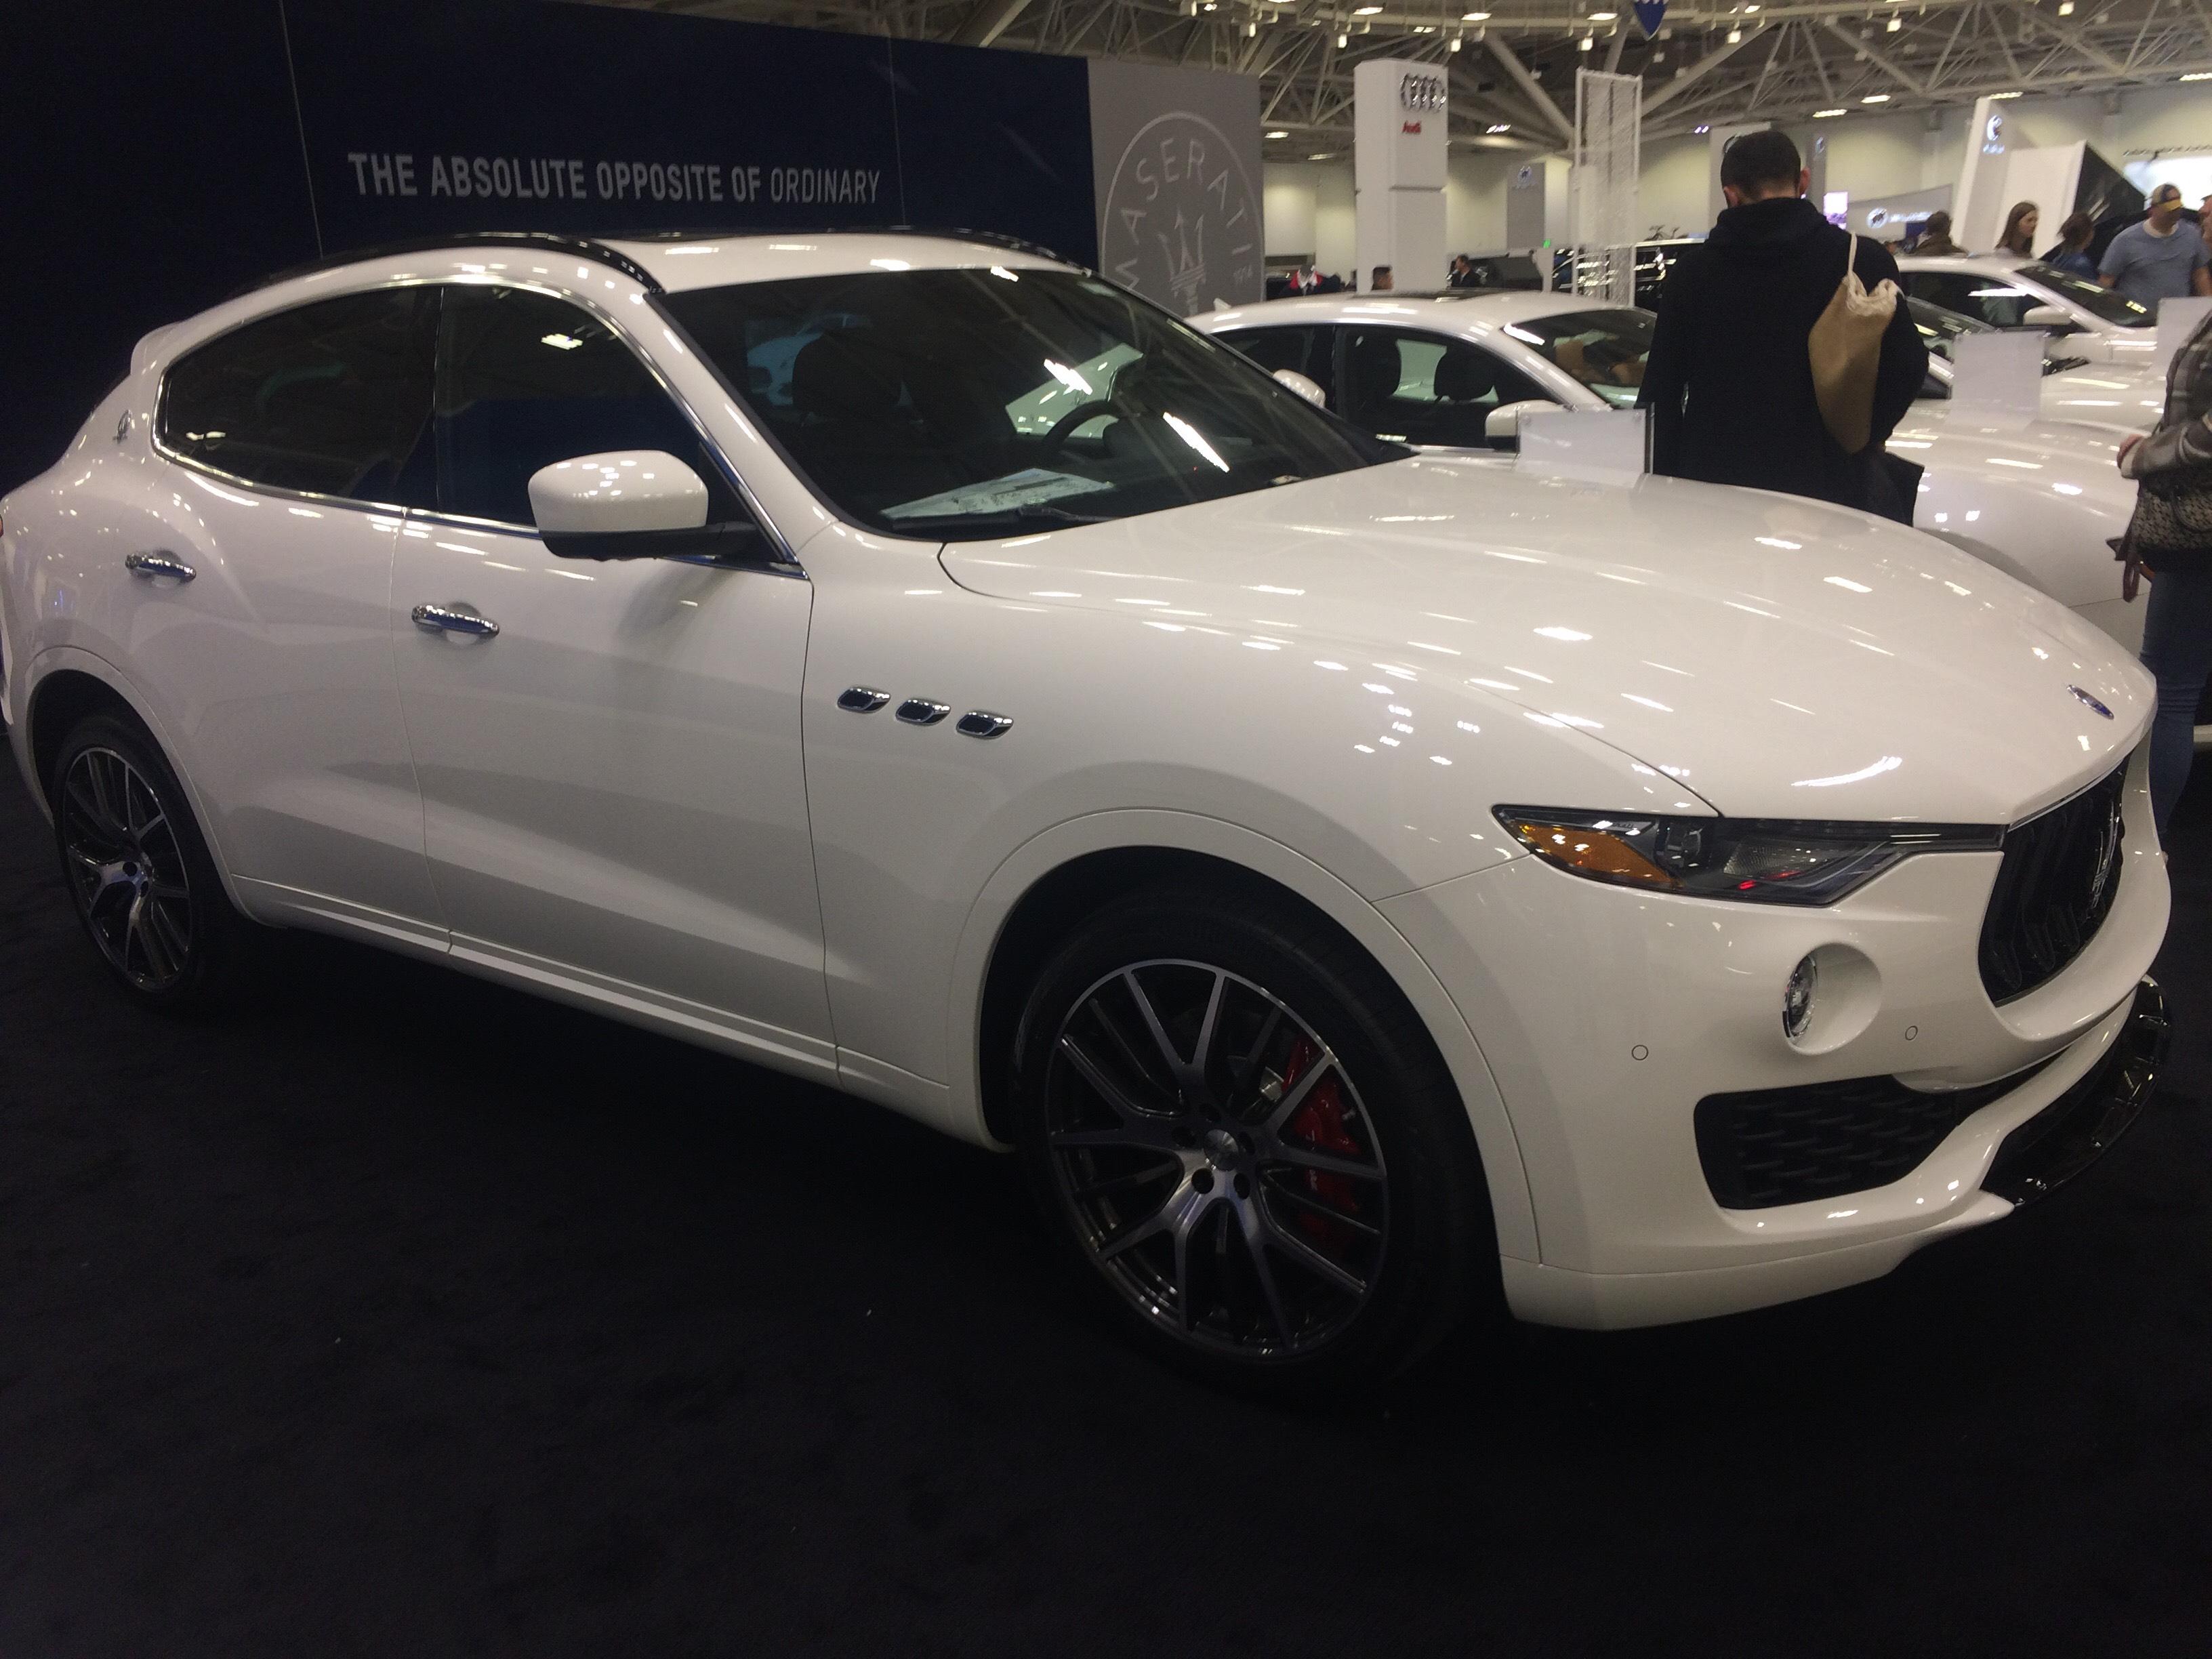 Maserati Levante At The Minneapolis Auto Show - Minneapolis car show